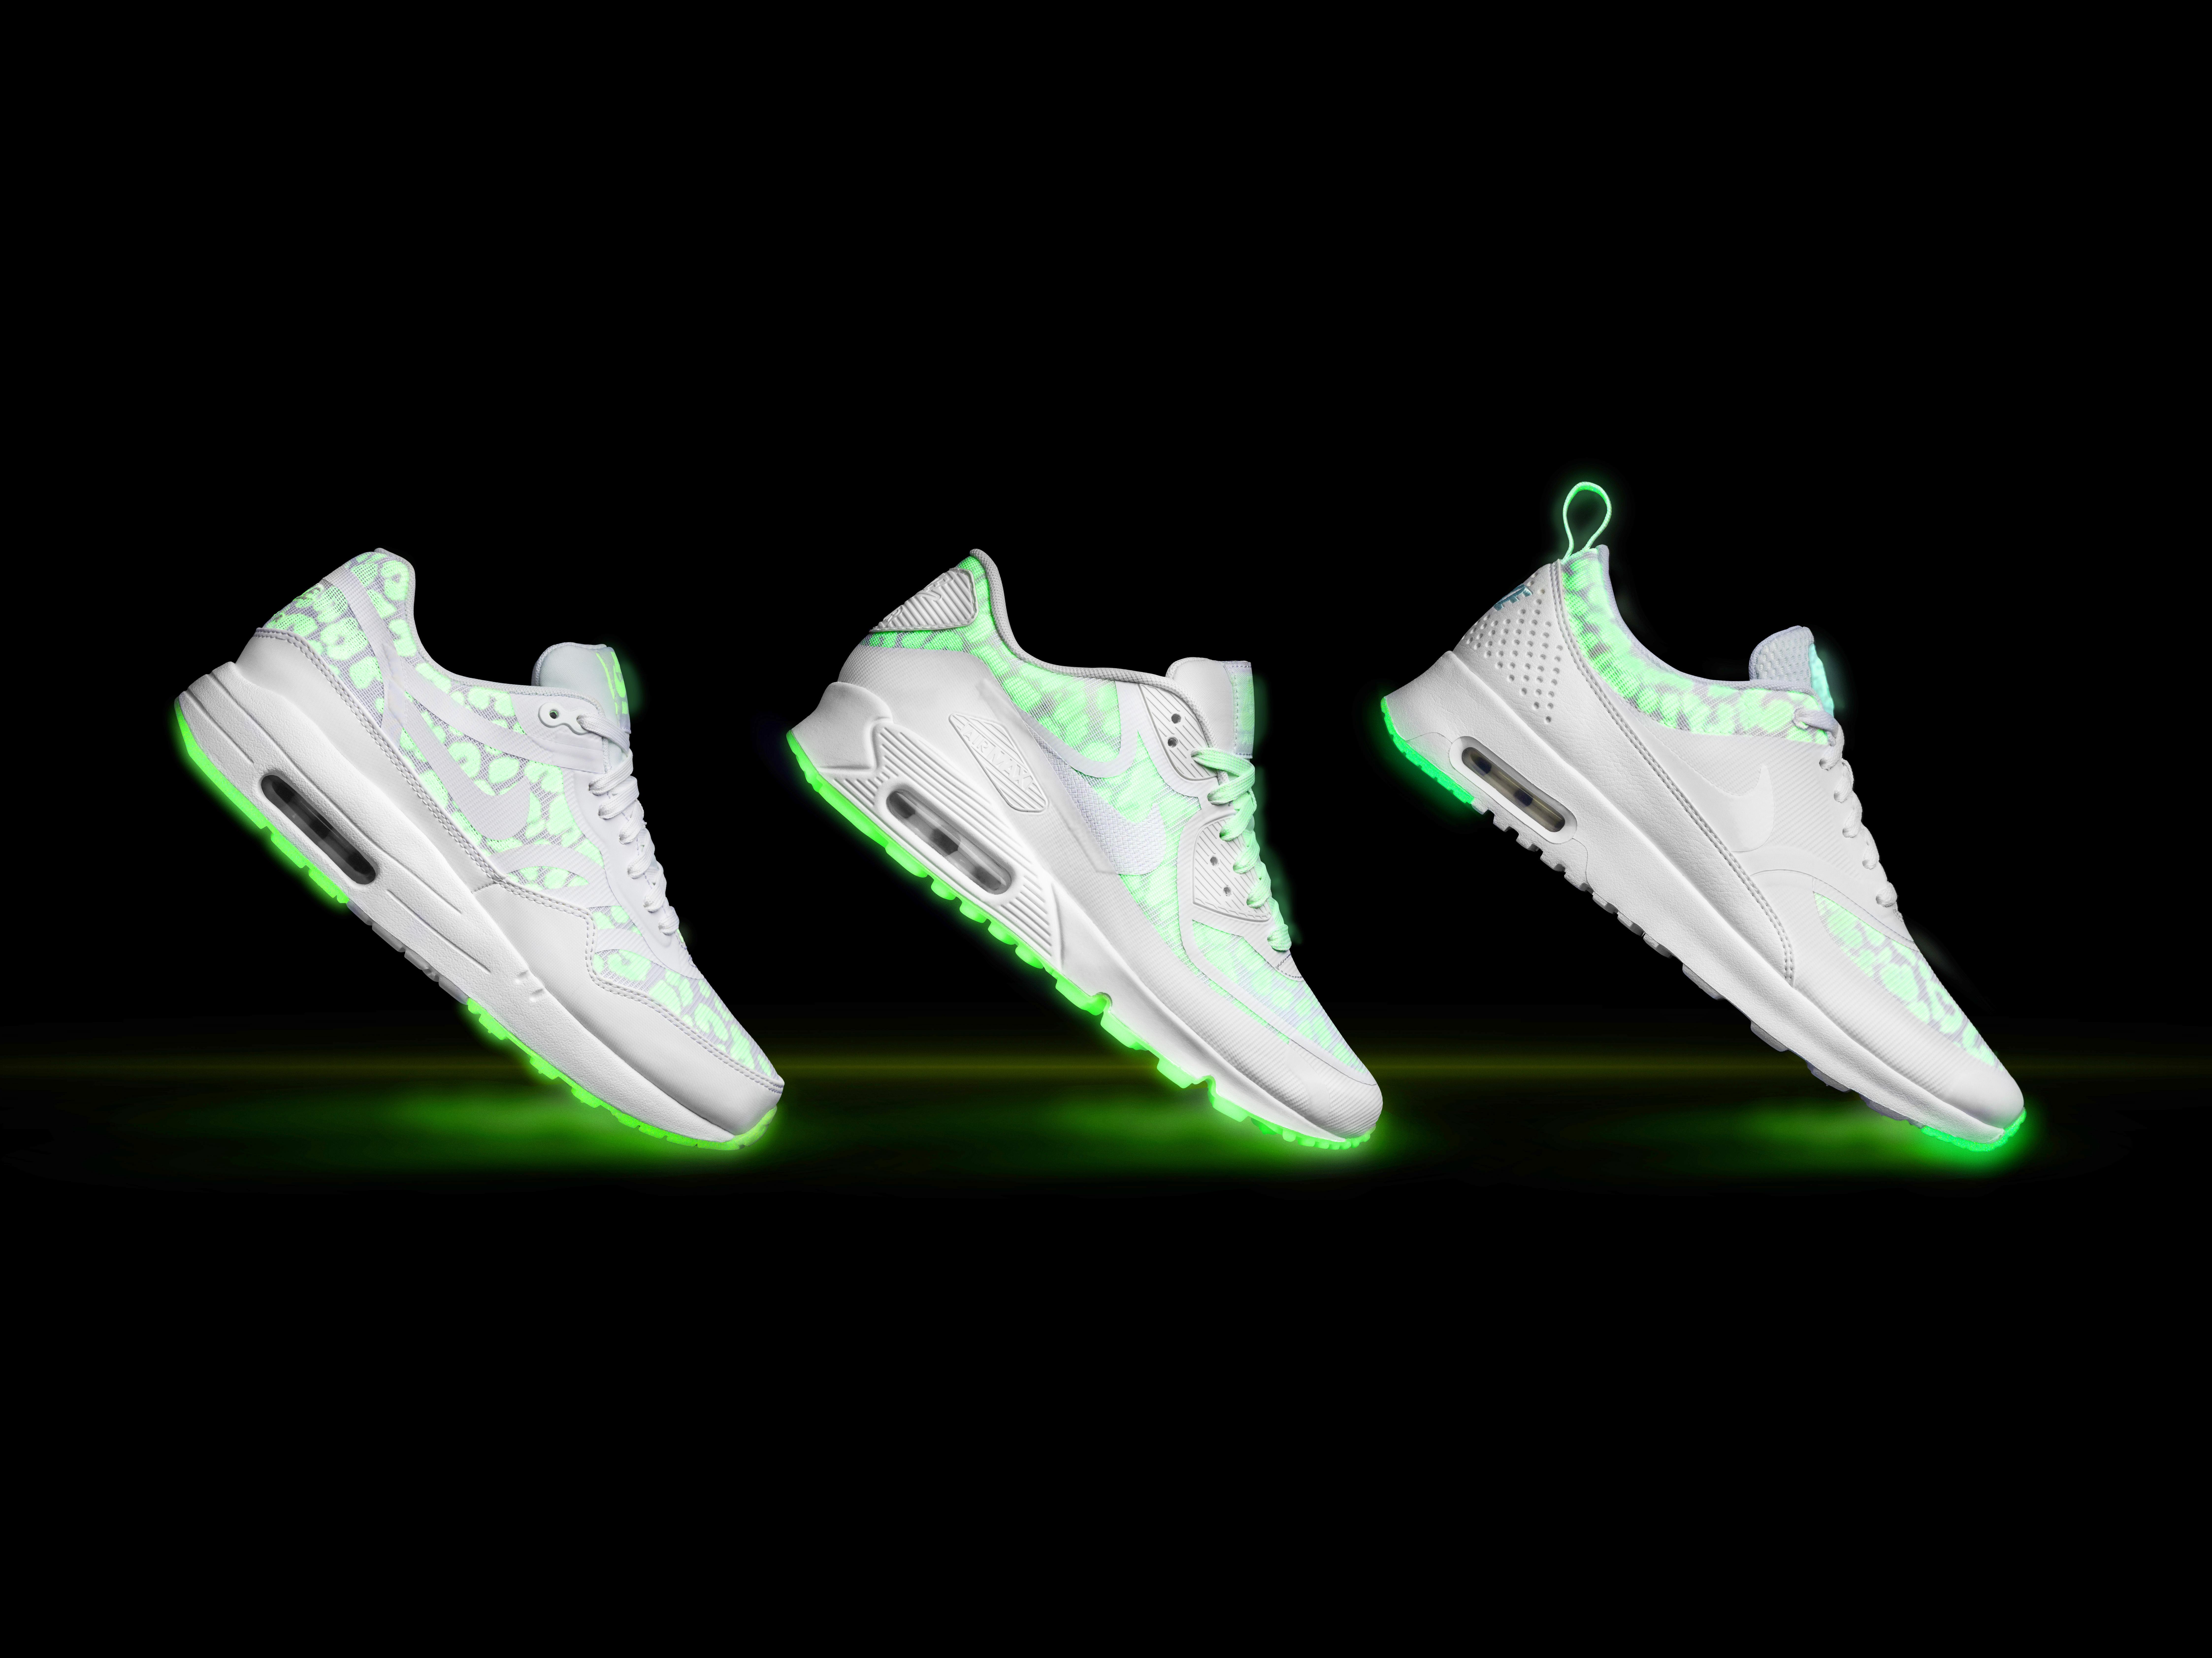 Controversia conformidad Derechos de autor  Nike Air Max Glow Collection | Public Relations (PR) Zürich, Schweiz